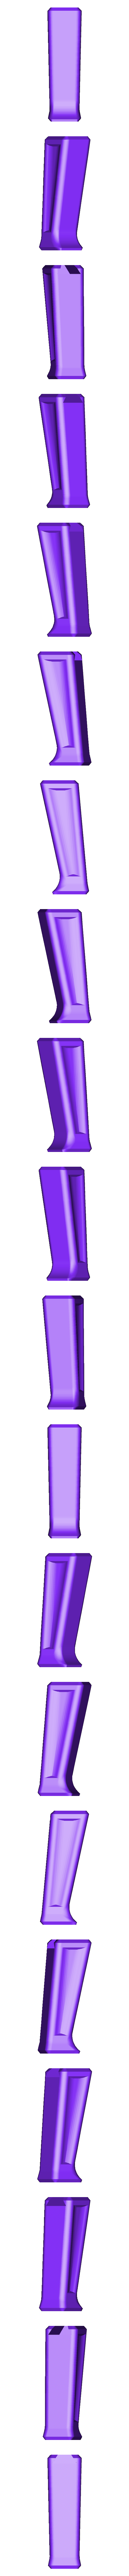 grip.stl Télécharger fichier STL gratuit Pistolet d'hypnose • Design pour imprimante 3D, ericcherry